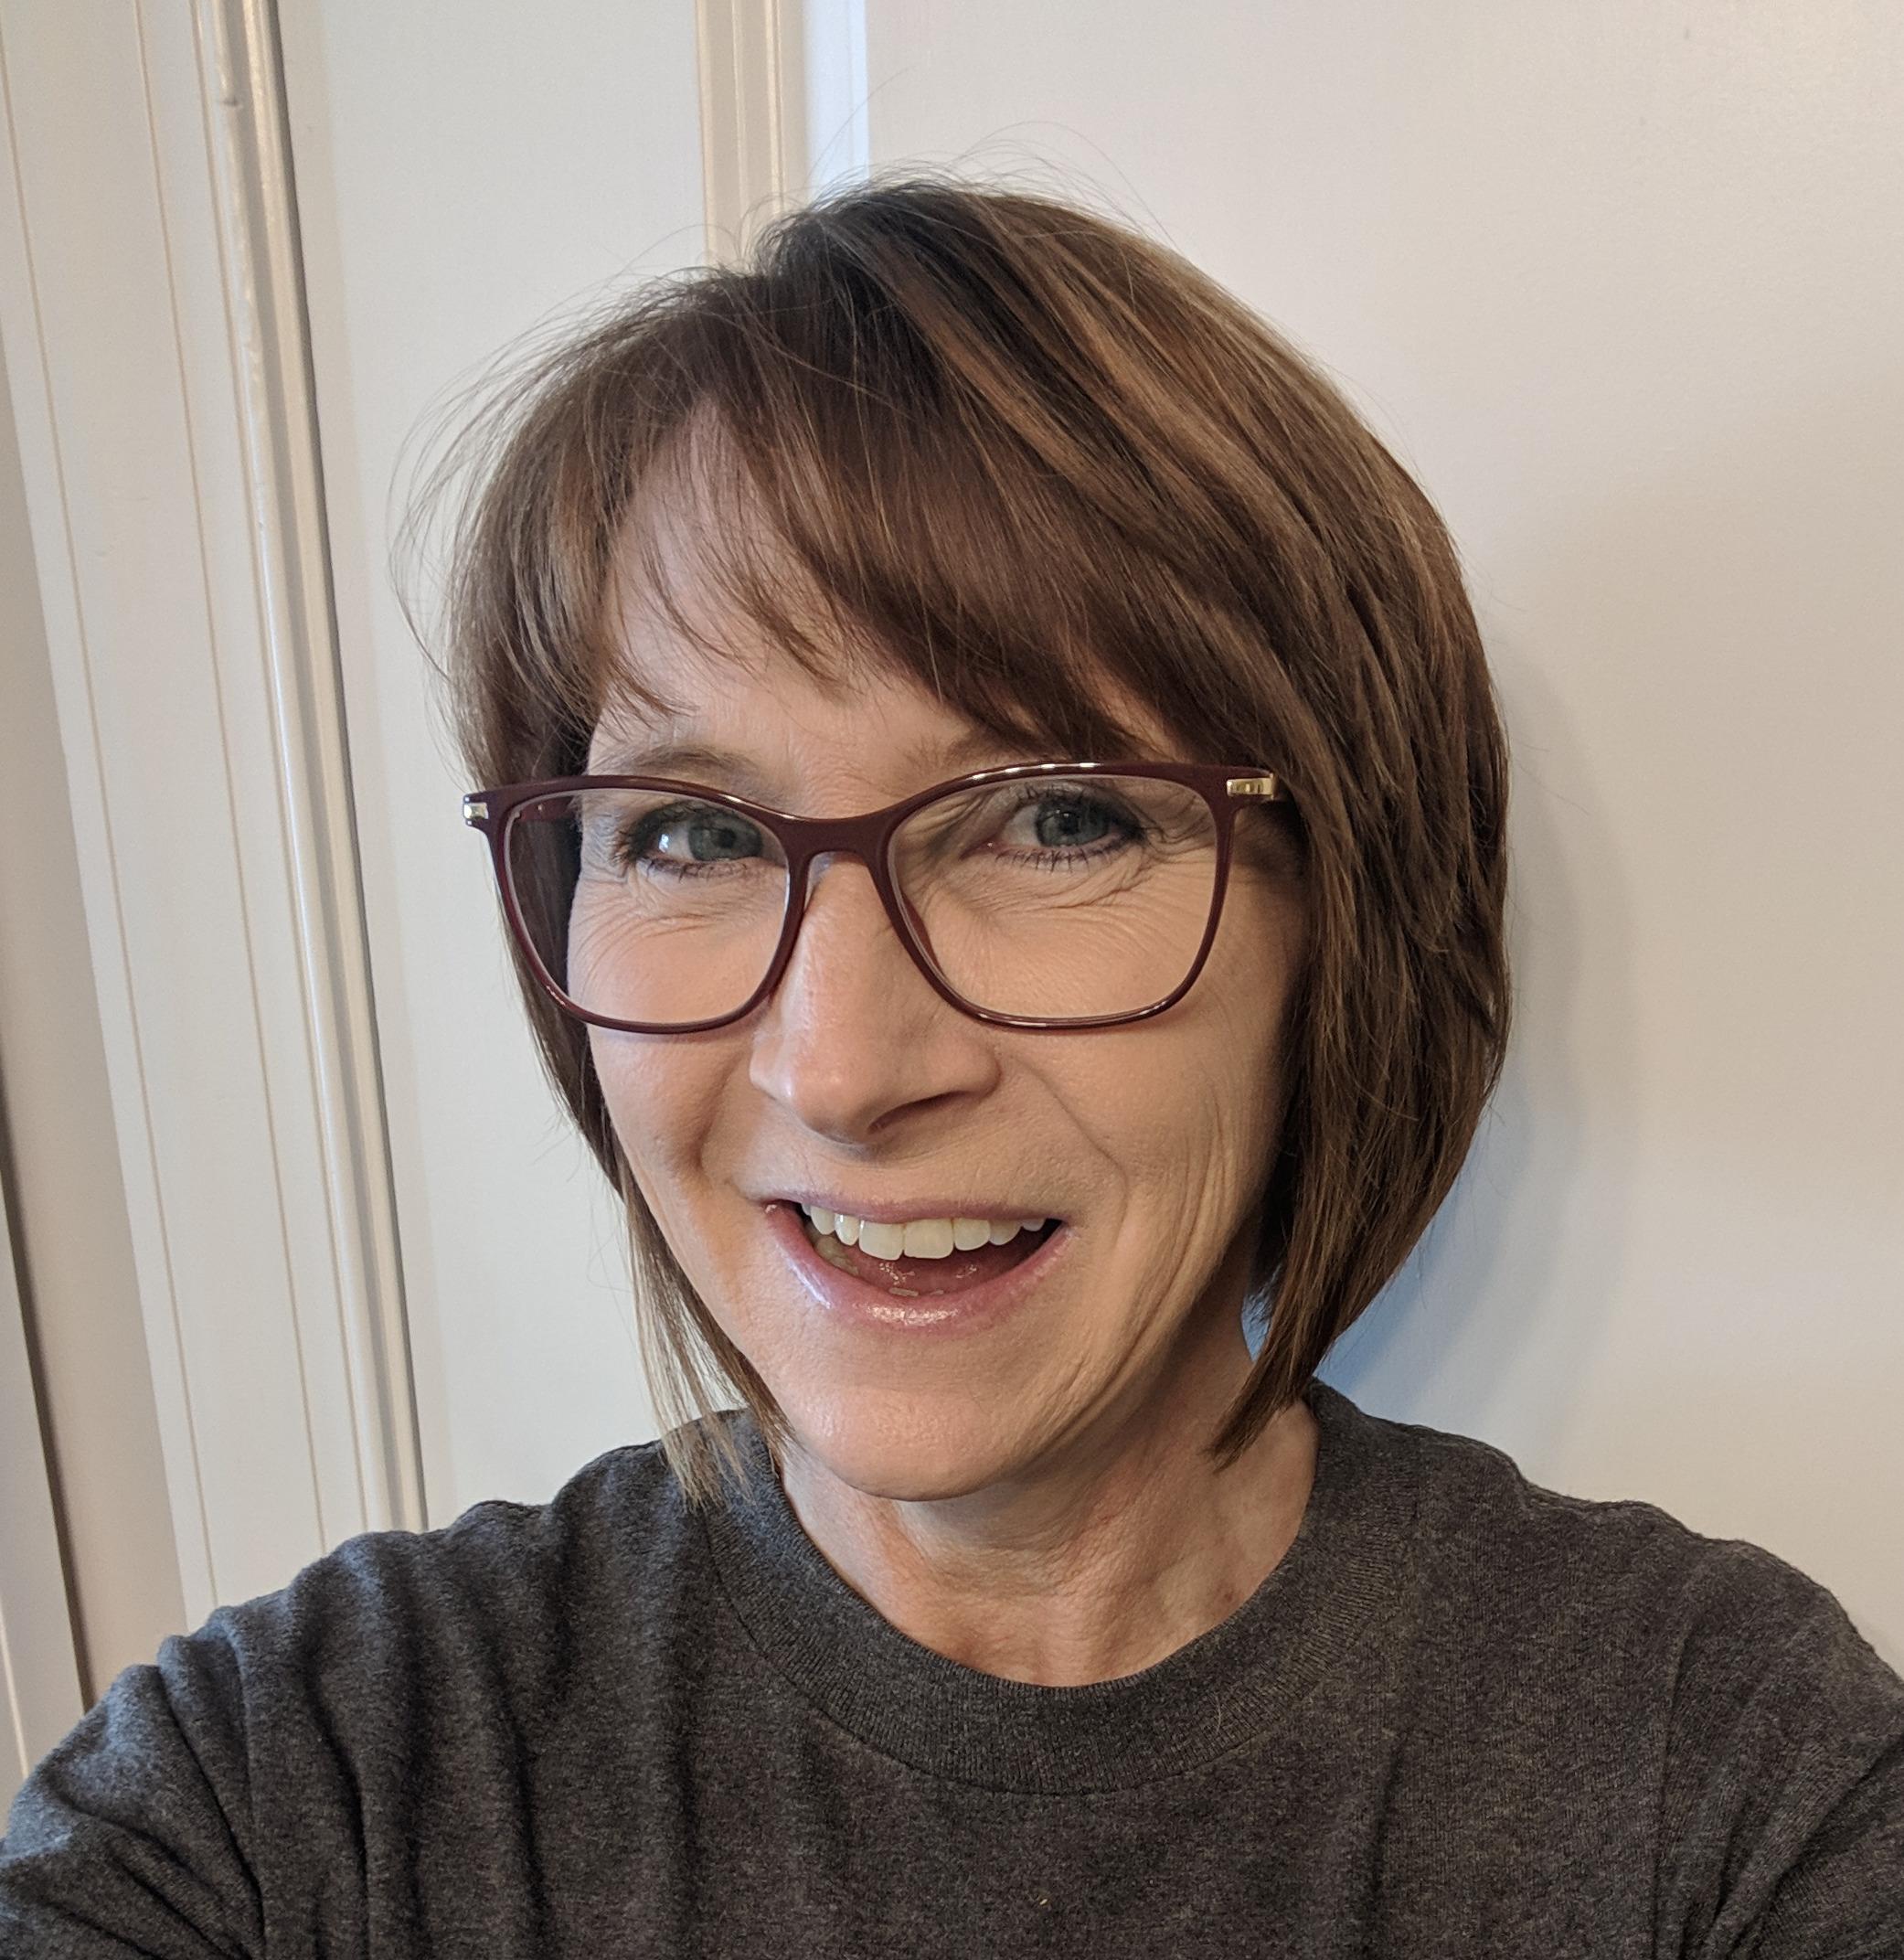 Cathy McCluskey